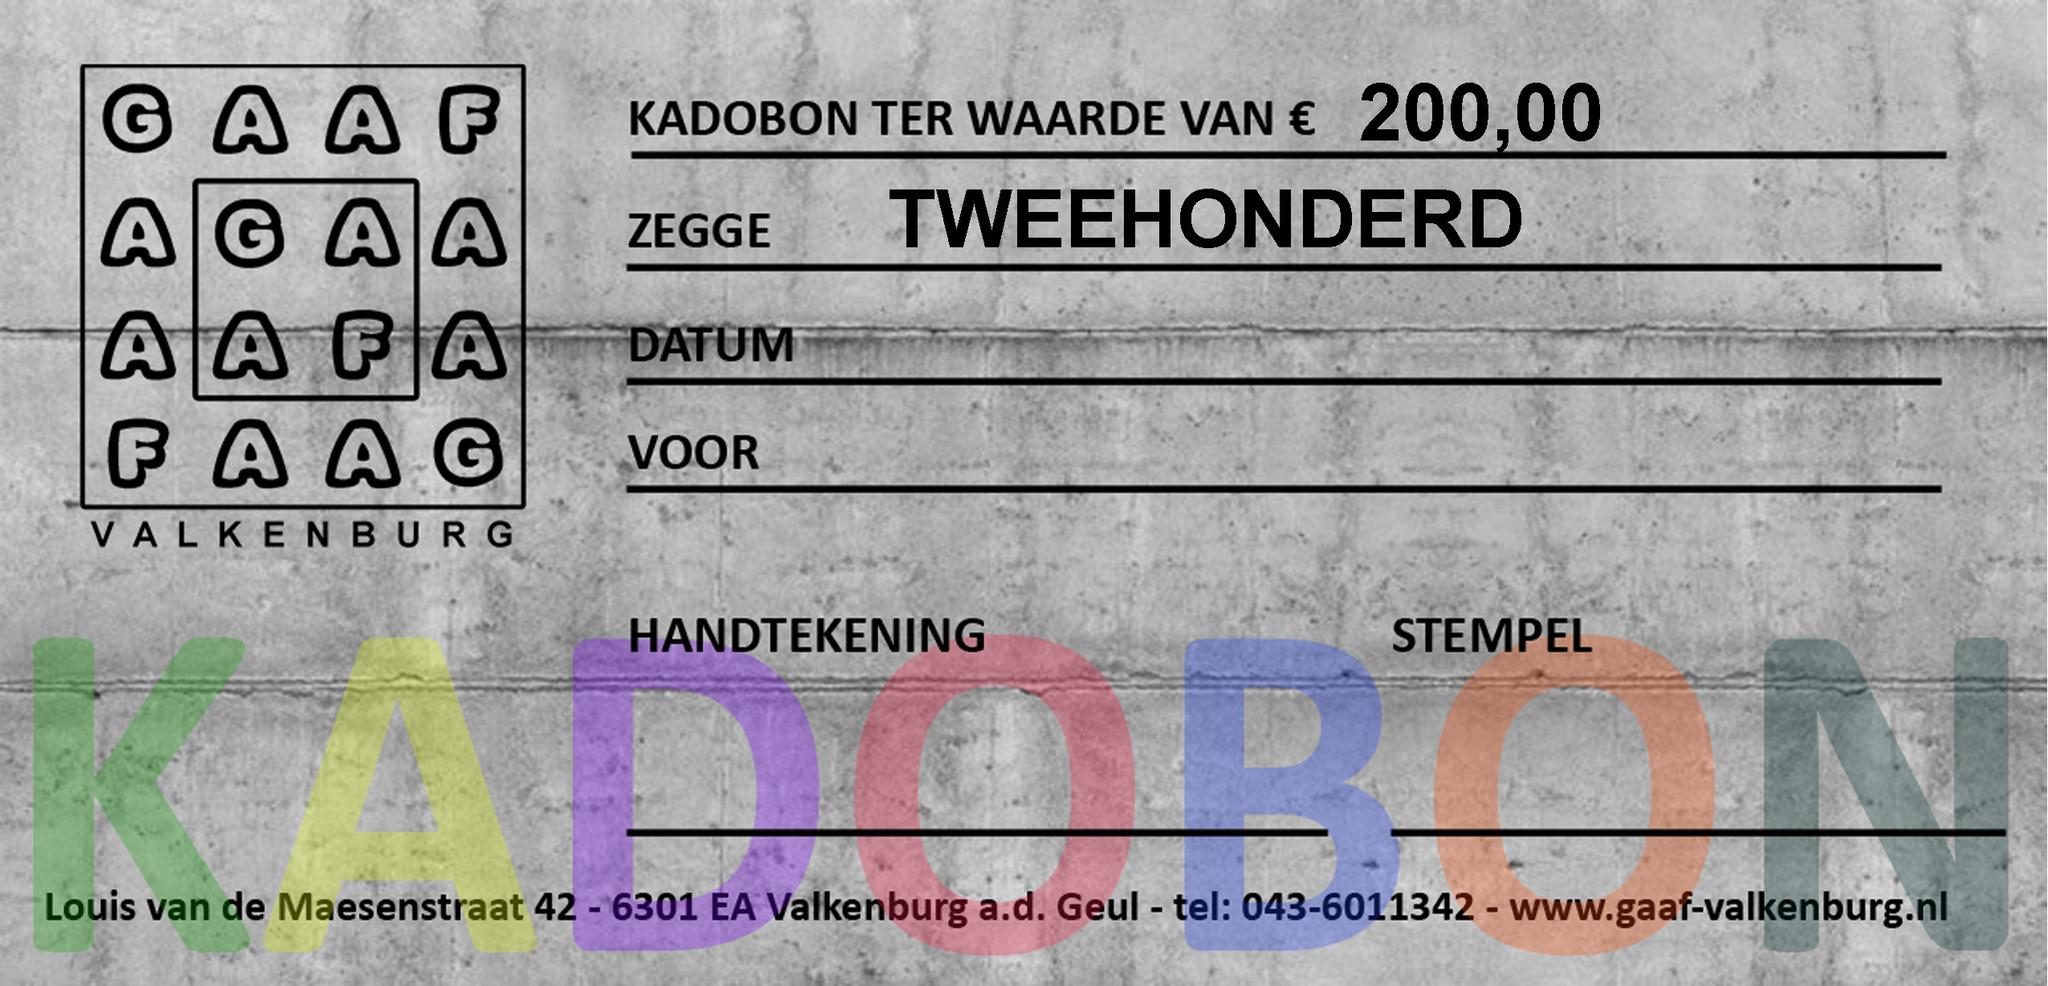 GAAF Kadobon 200 euro